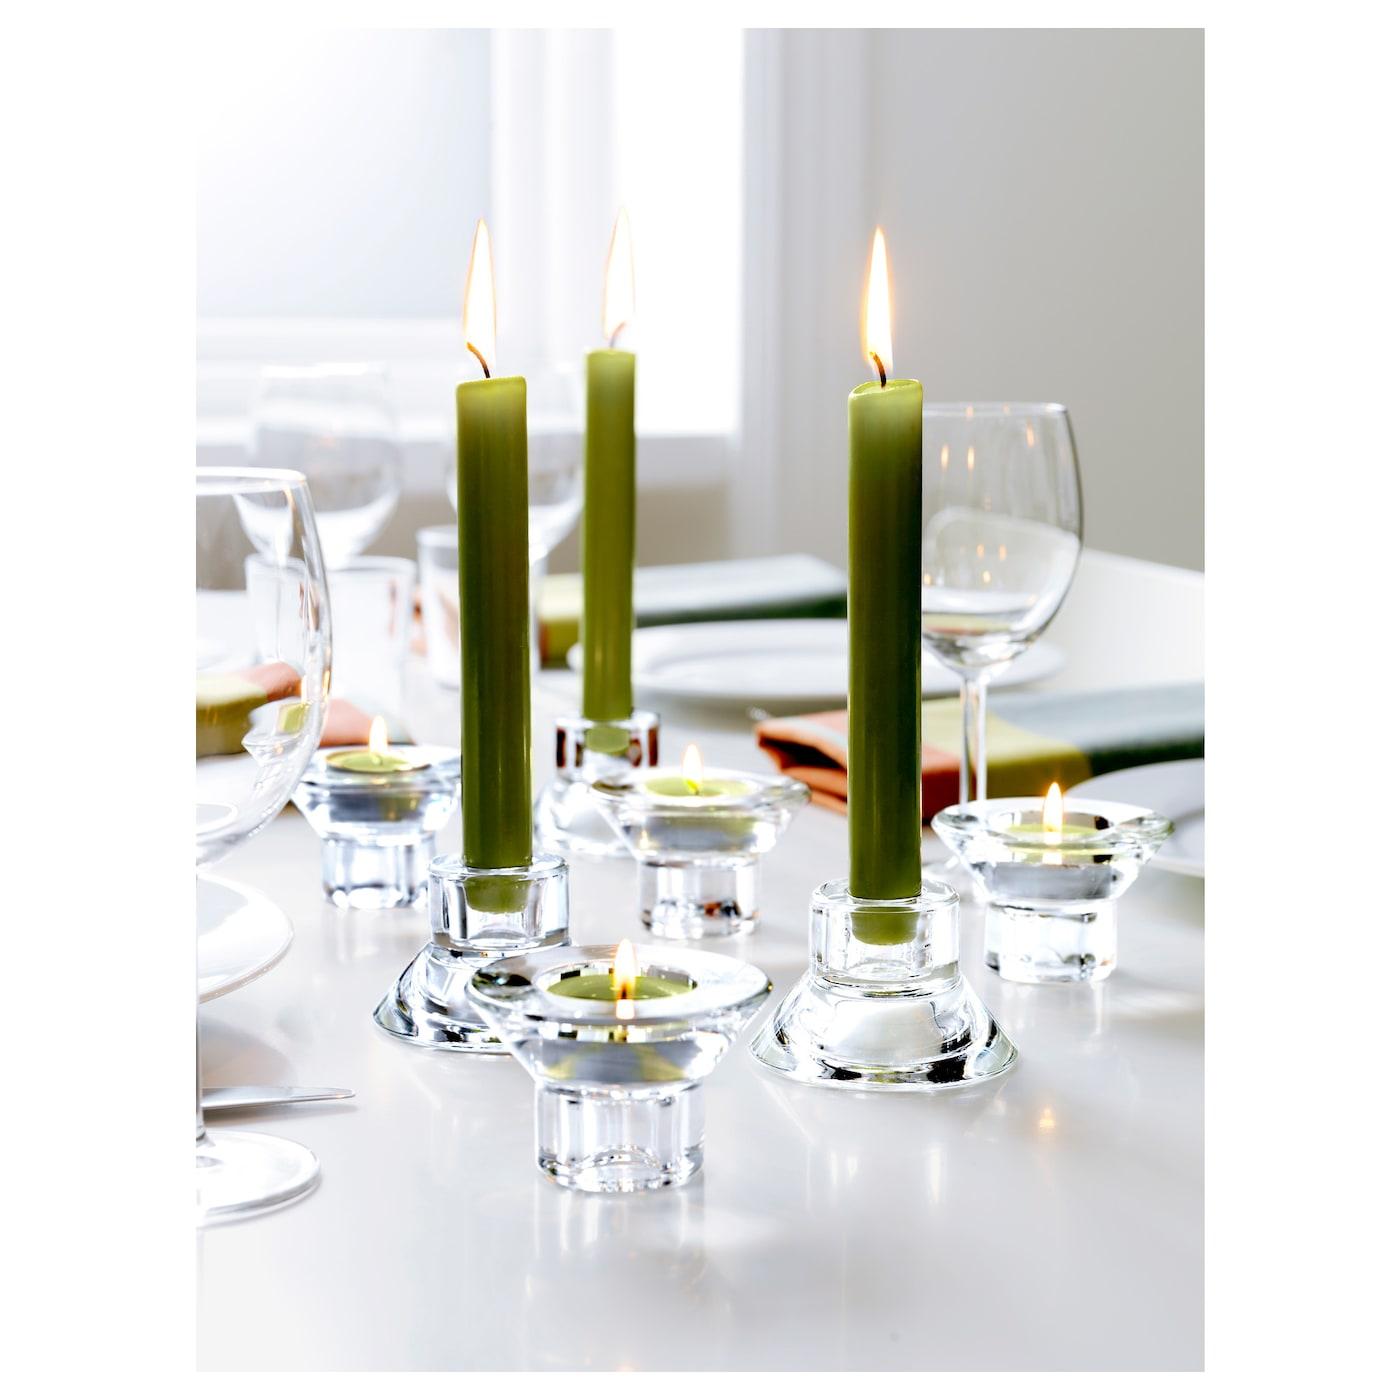 Подсвечник для свечи, греющей свечи НЕГЛИНГЕ артикуль № 103.804.53 в наличии. Интернет сайт ИКЕА Минск. Быстрая доставка и установка.